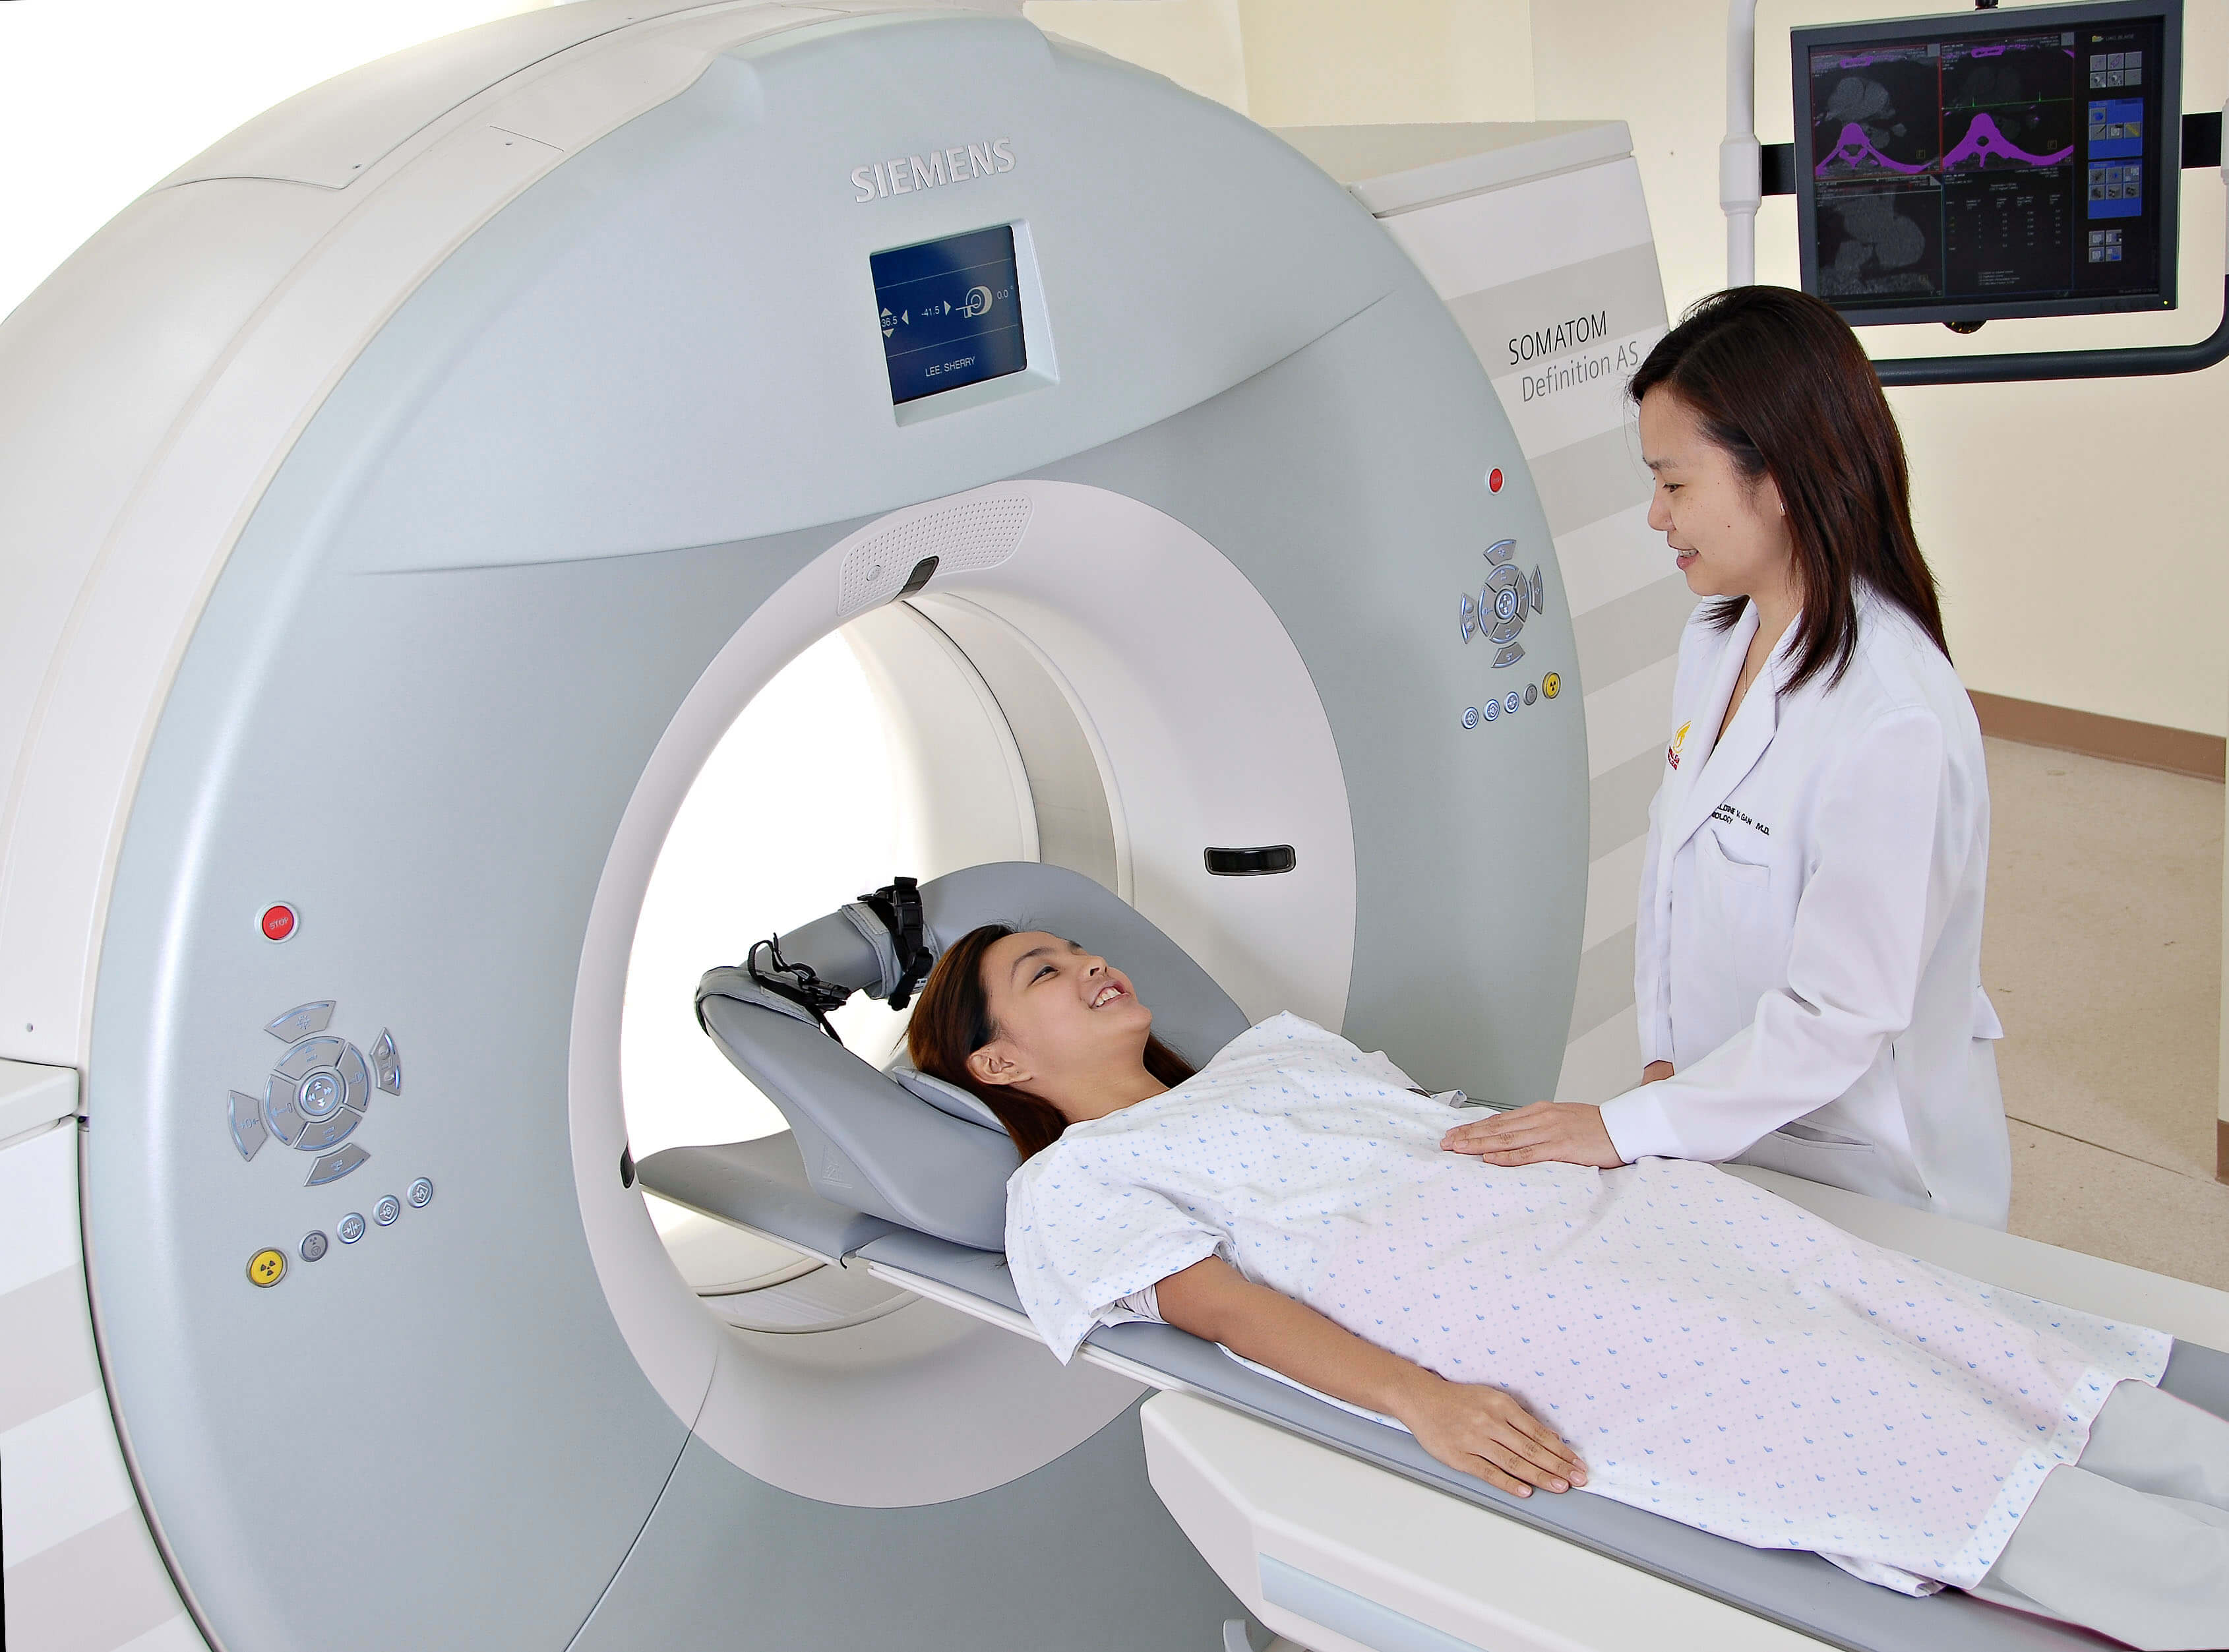 Компьютерная томография брюшной полости: подготовка и особенности исследования